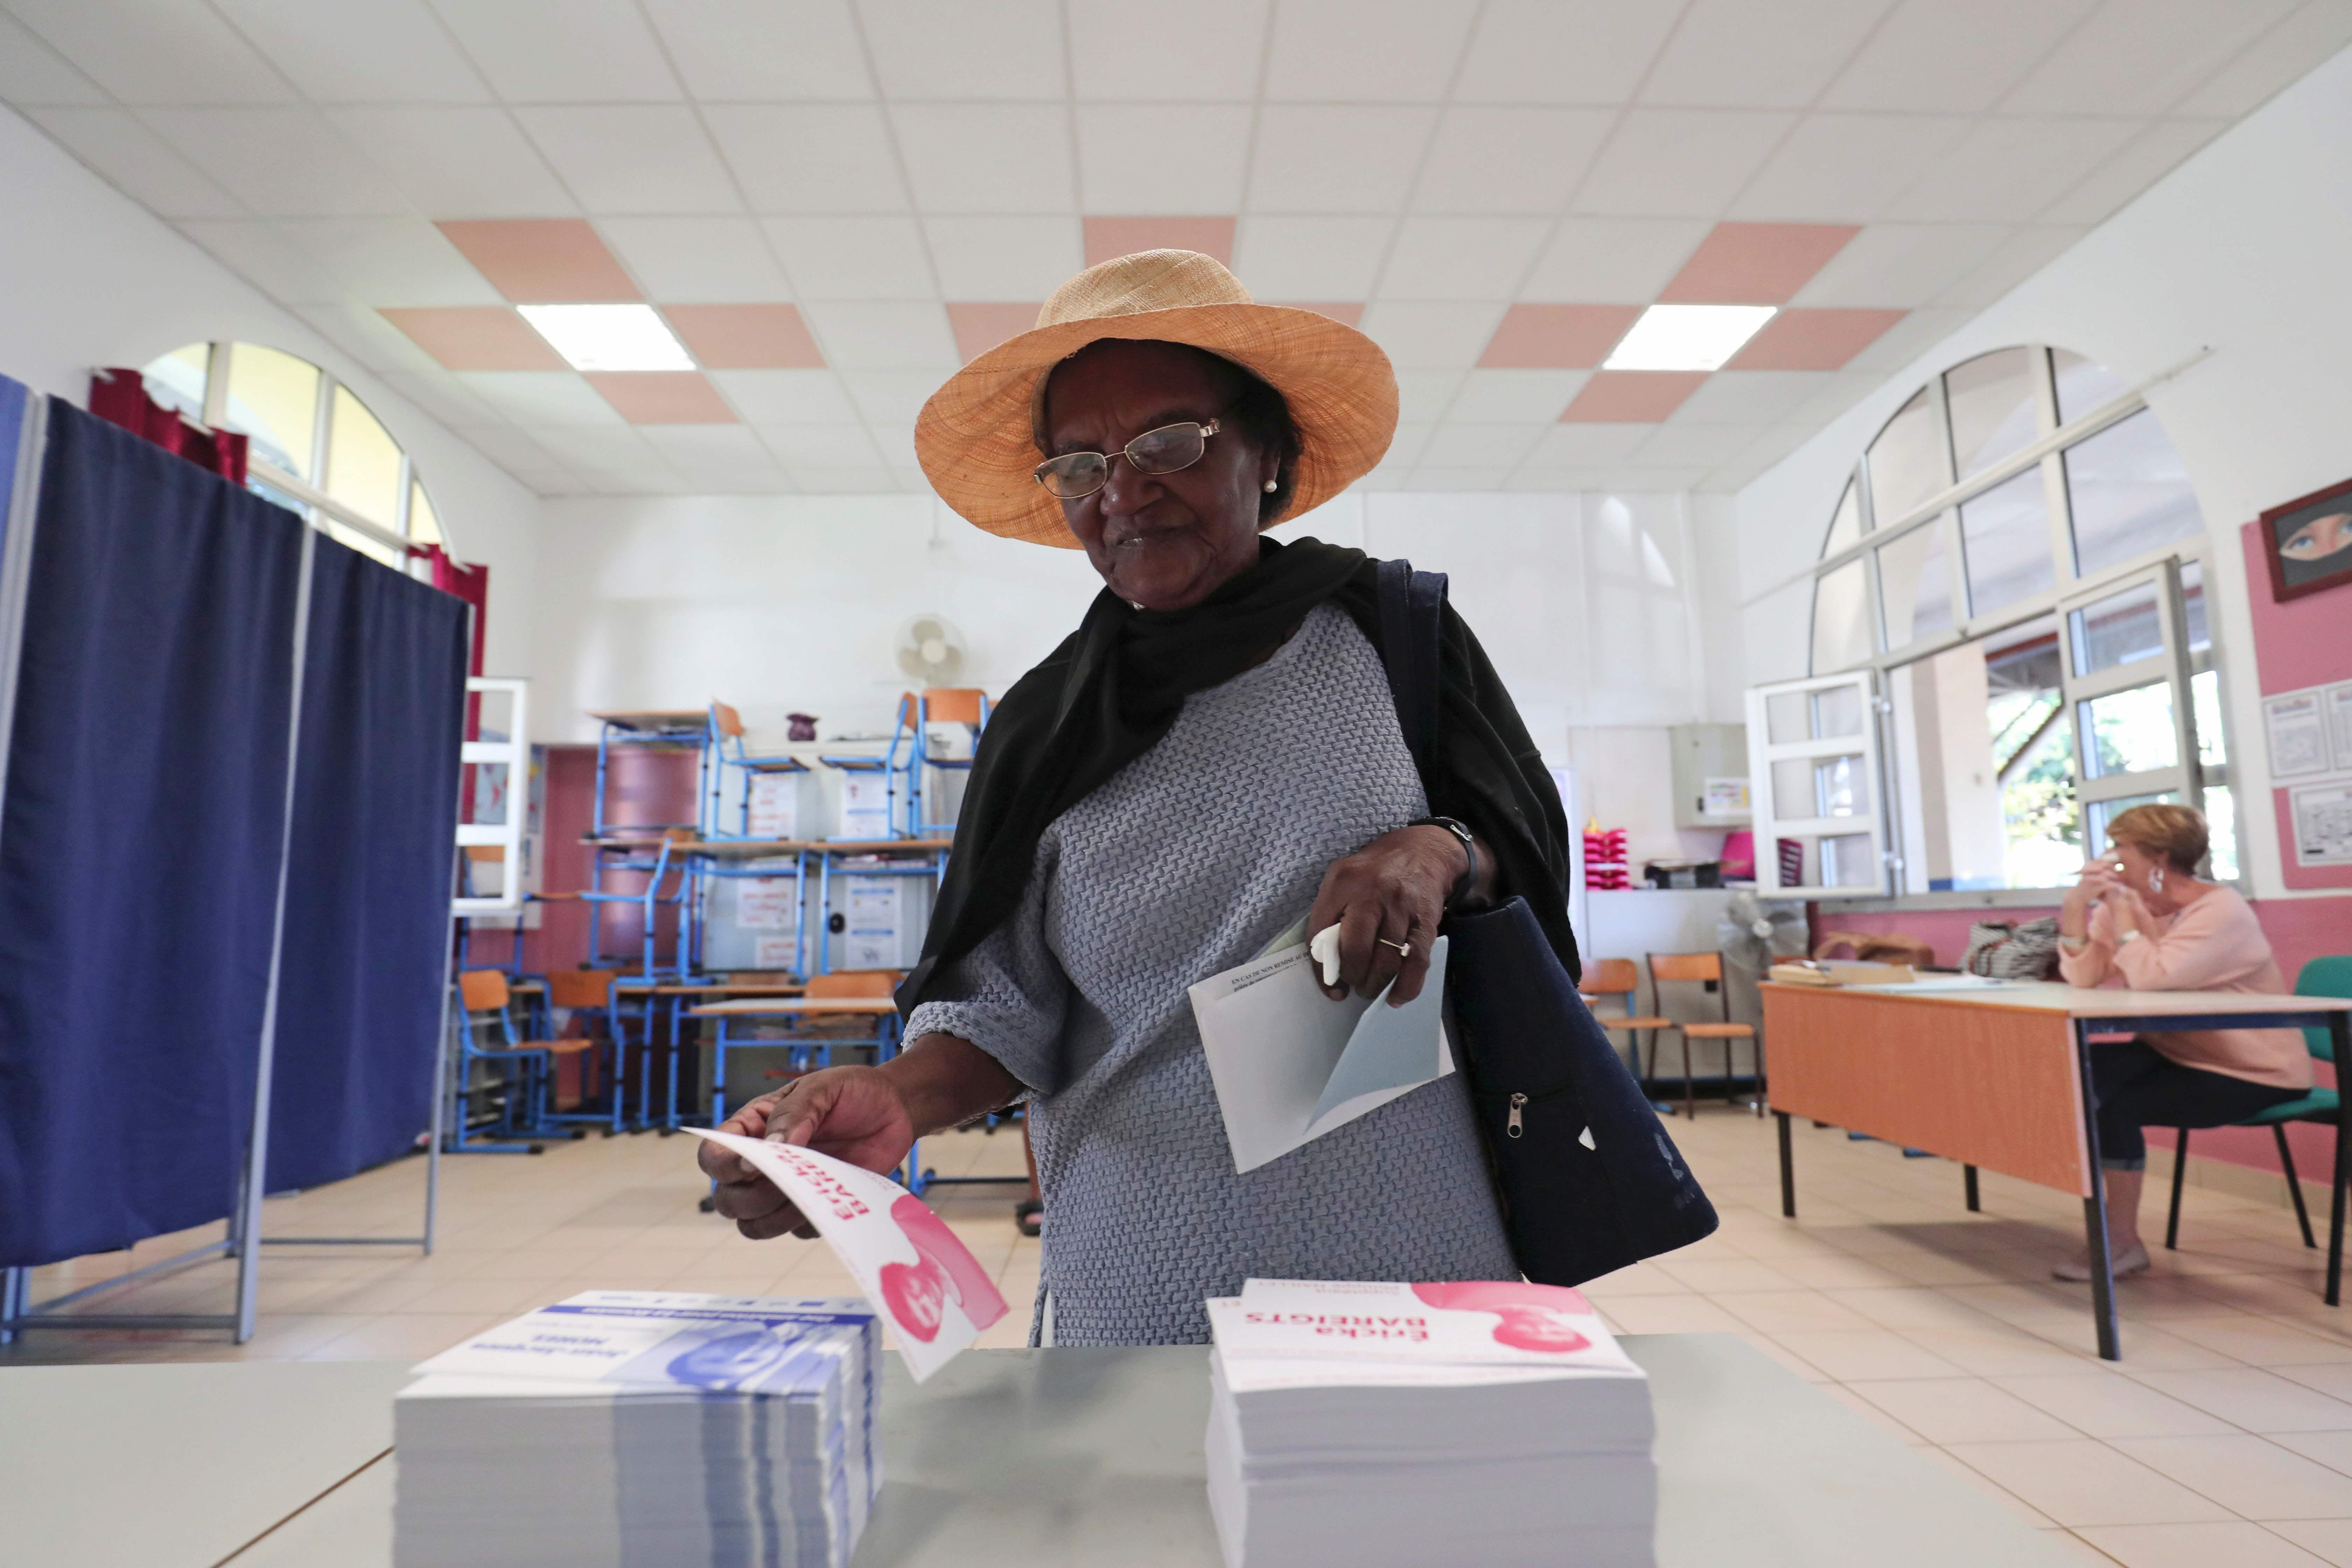 ناخبة تسحب أوراق الاقتراع فى الانتخابات الفرنسية